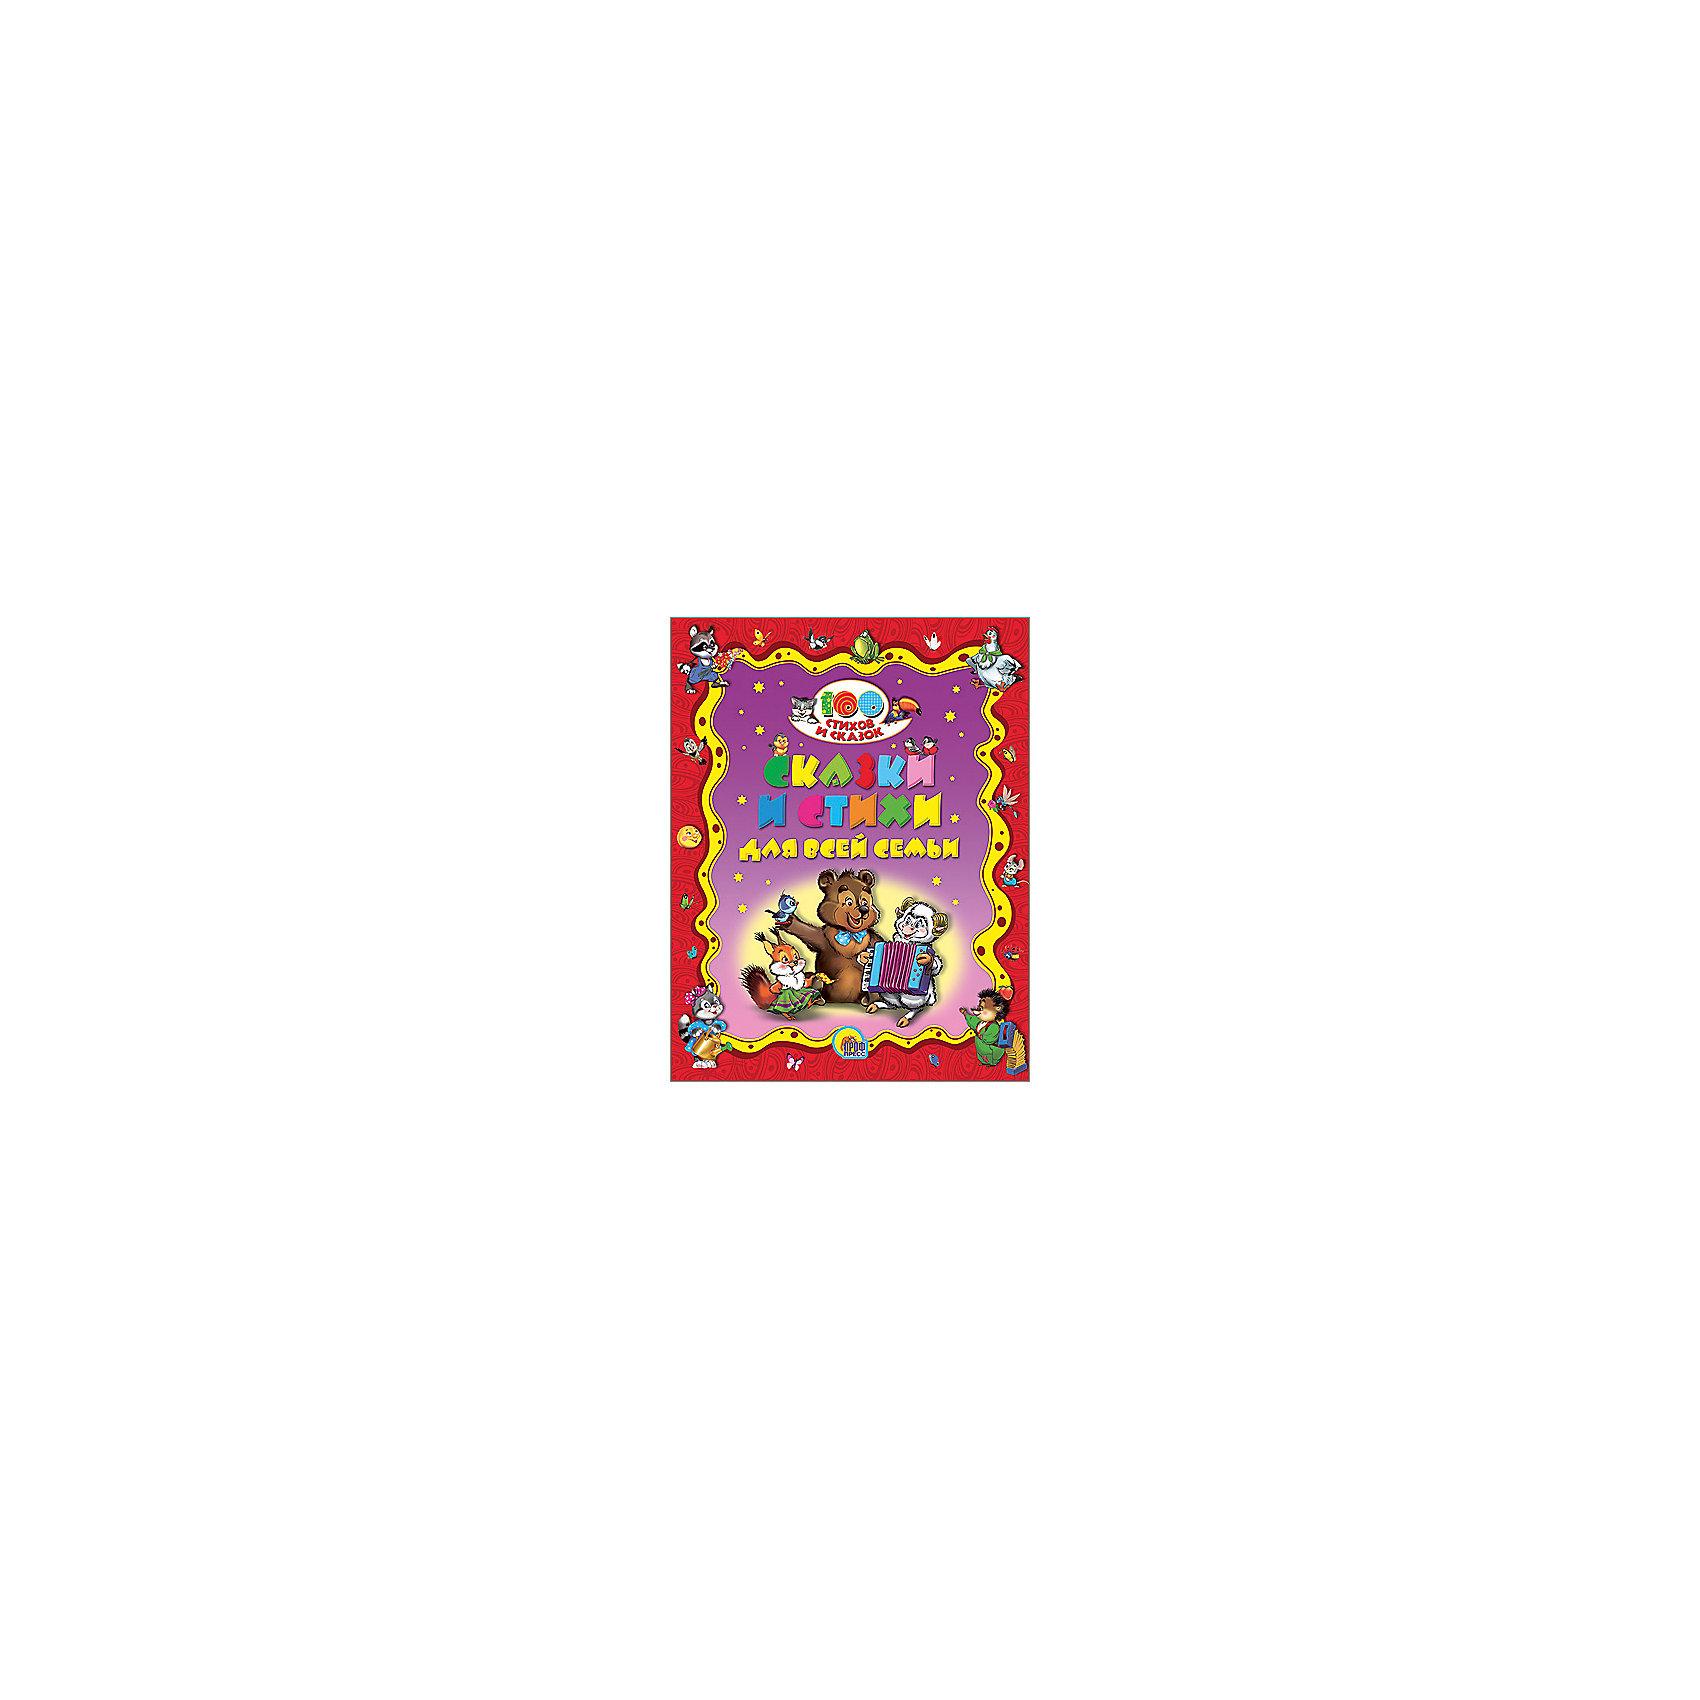 Сказки и стихи для всей семьи,100 стихов и сказокСказки и стихи для всей семьи - настоящий подарок для детей и родителей. В этой книге собраны лучшие русские потешки, басни и сказки, а также сказки народов мира. Яркие иллюстрации и множество жанров, собранных в книге откроют для ребенка увлекательный мир чтения!<br>Дополнительная информация:<br>Издательство: Проф-Пресс<br>Художник: Н. Бубликова<br>Год выпуска: 2016<br>Серия: 100 стихов и сказок<br>Обложка: твердый переплет<br>Иллюстрации: цветные<br>Количество страниц: 368<br>ISBN:978-5-378-18646-4<br>Размер: 19х3х20,5 см<br>Вес: 950 грамм<br>Книгу Сказки и стихи для всей семьи вы можете приобрести в нашем интернет-магазине.<br><br>Ширина мм: 205<br>Глубина мм: 30<br>Высота мм: 190<br>Вес г: 950<br>Возраст от месяцев: 0<br>Возраст до месяцев: 36<br>Пол: Унисекс<br>Возраст: Детский<br>SKU: 4905868